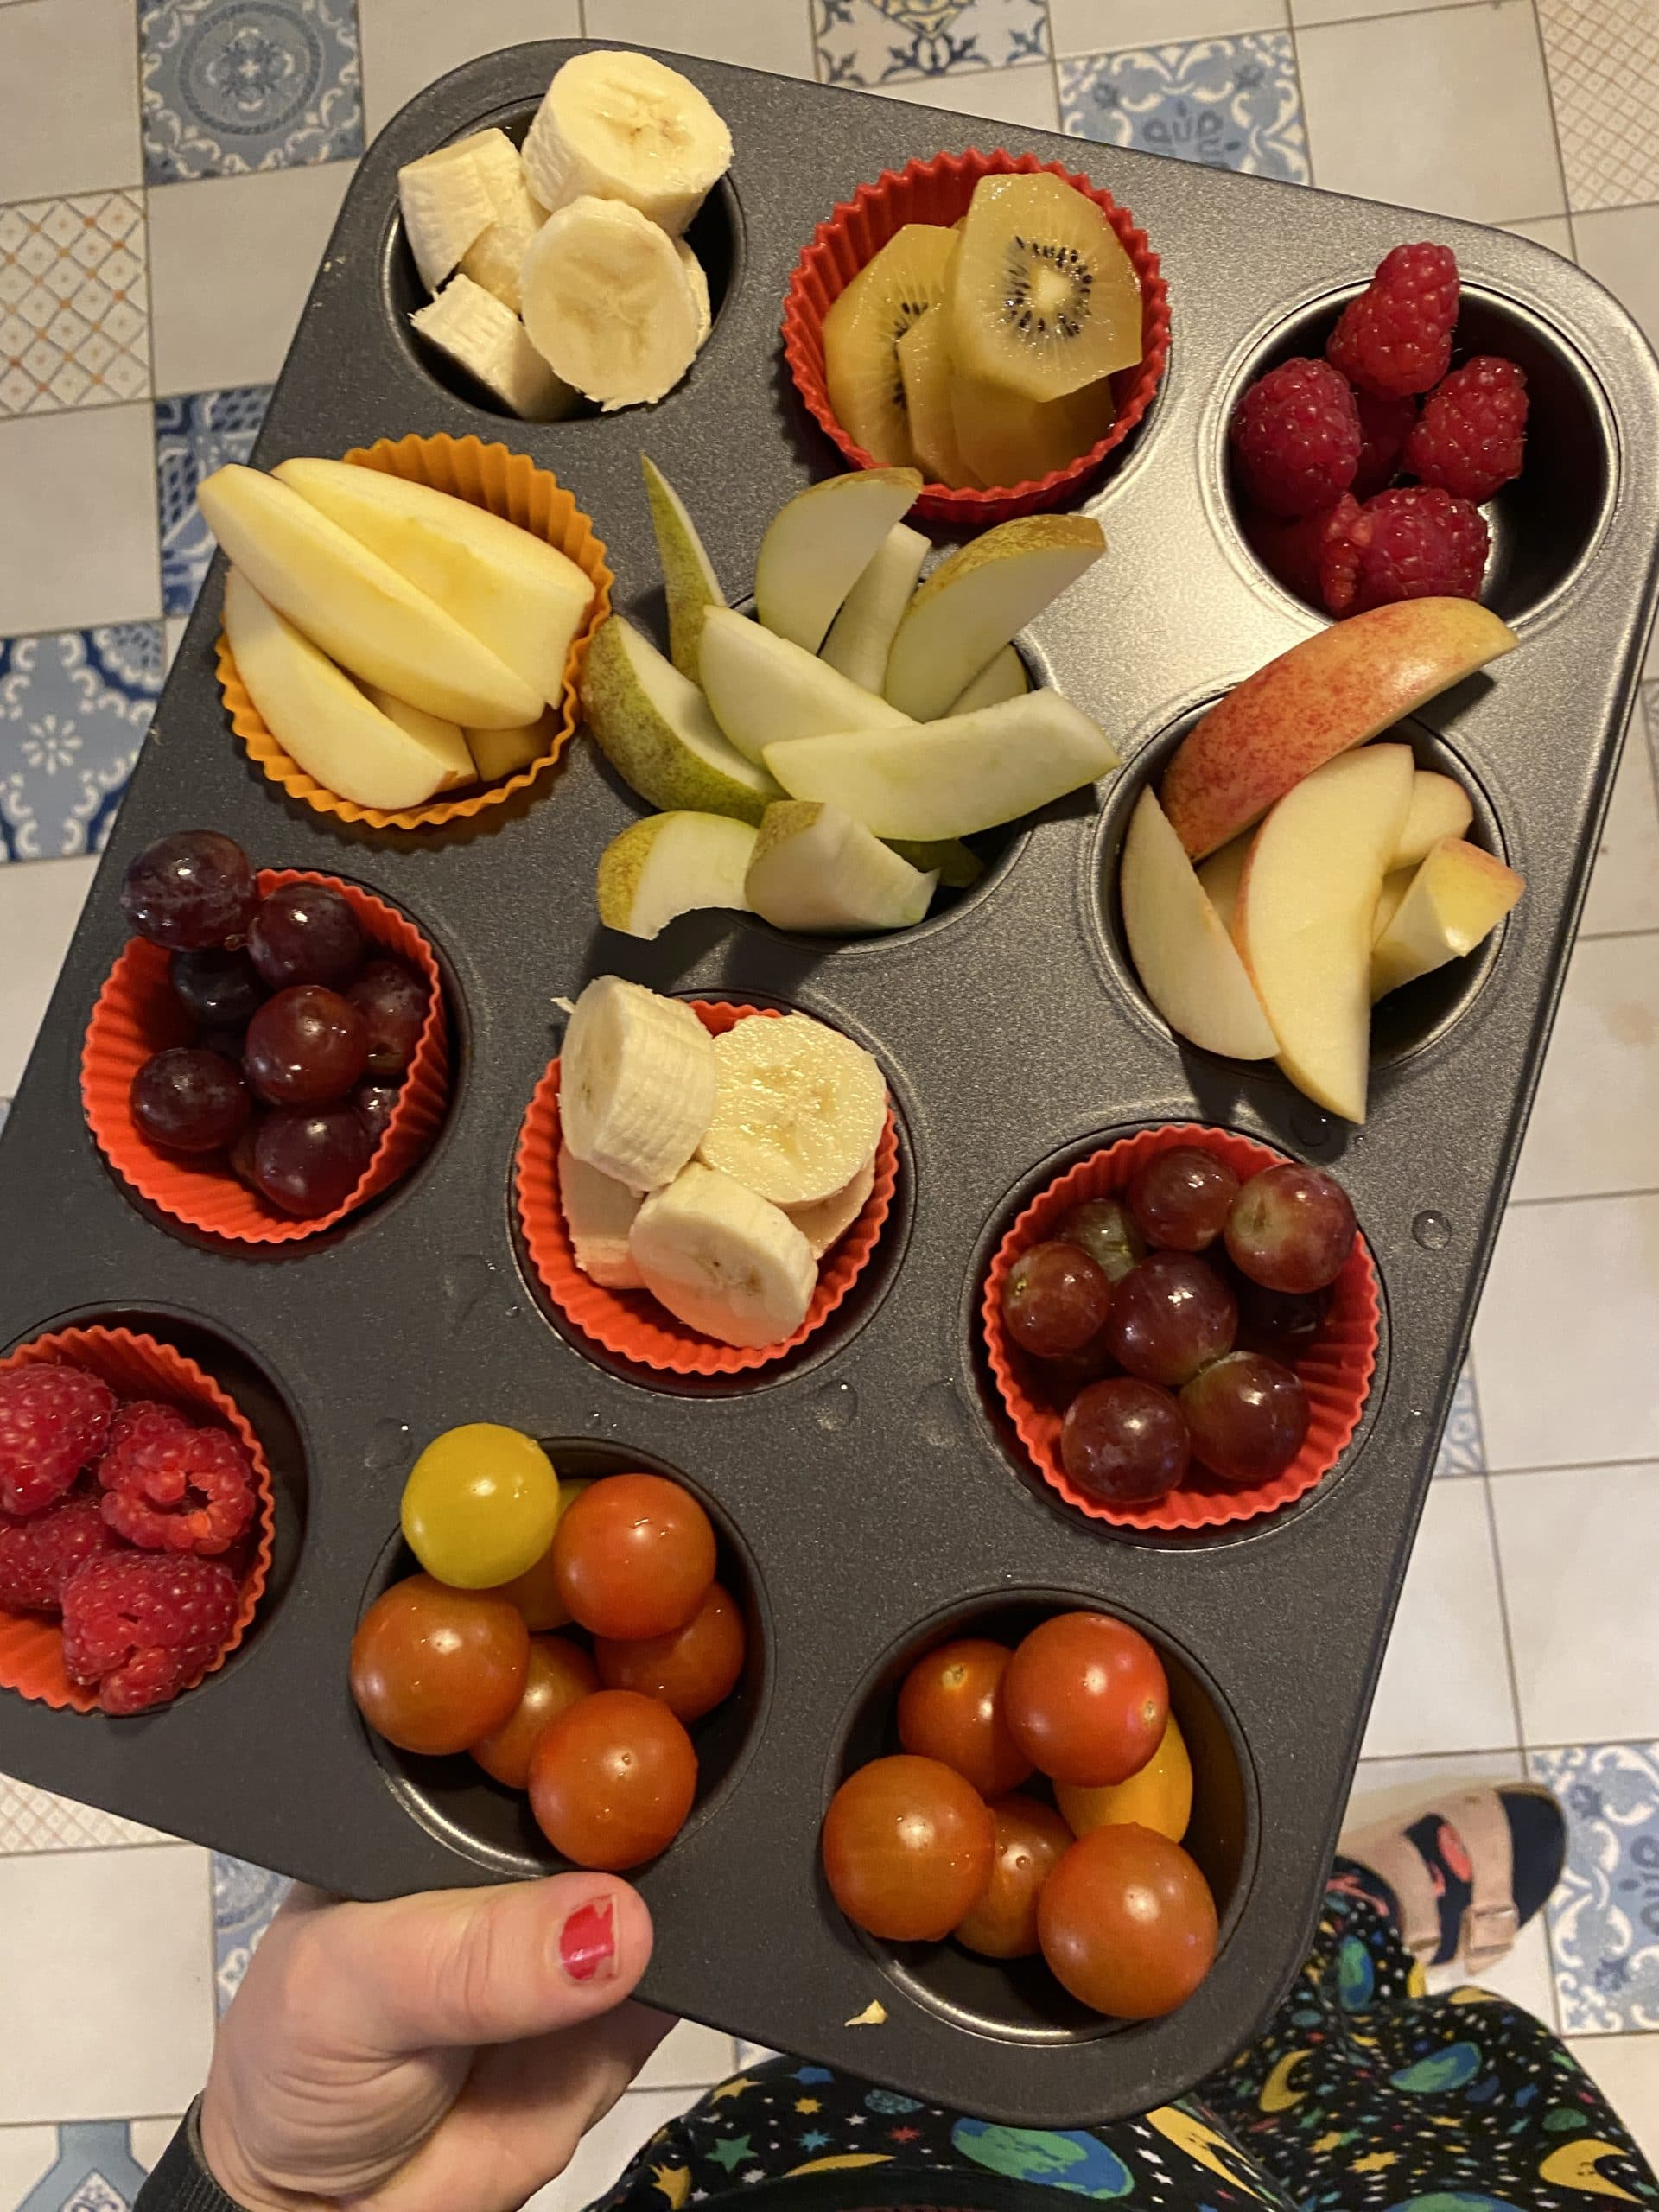 Am Abend gibt es dann noch #Obstfluencer.